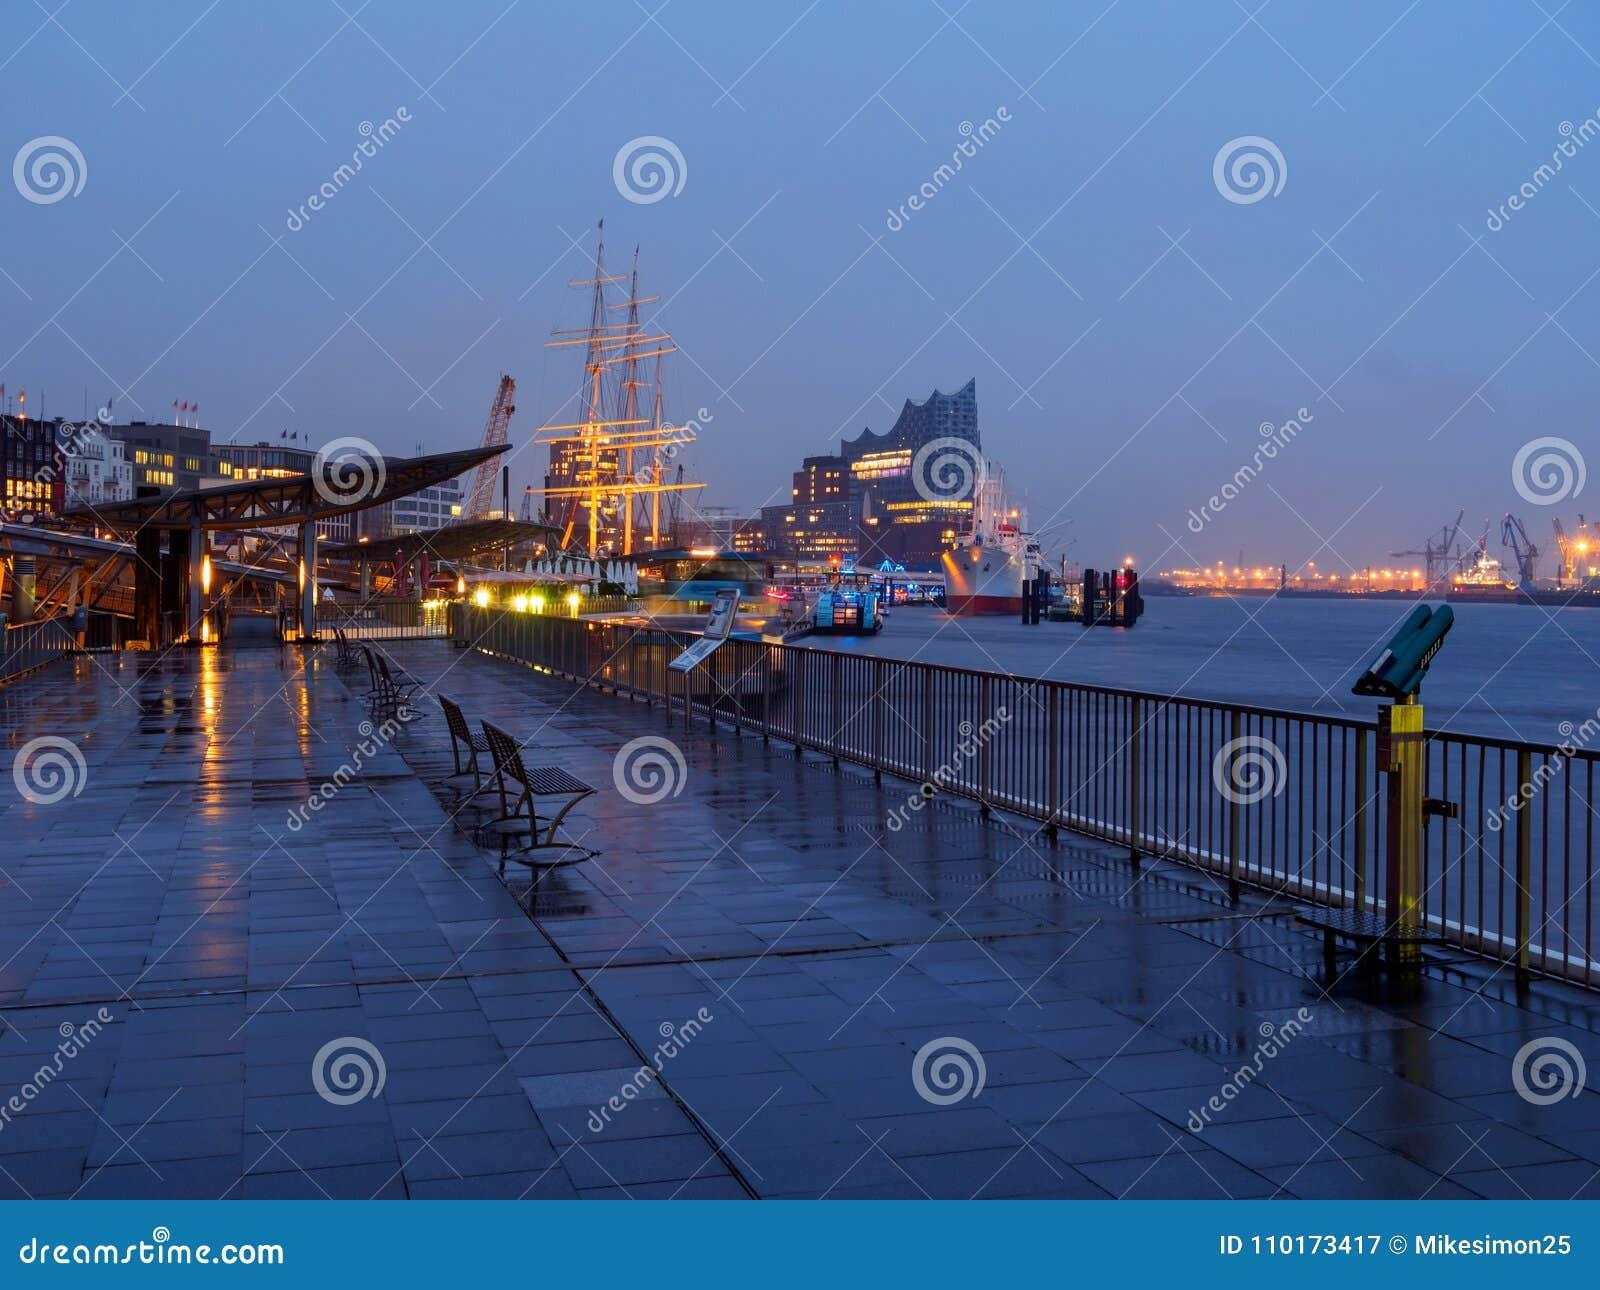 Hambourg, Allemagne - 4 avril 2016 : Port abandonné de Hambourg à un jour pluvieux le soir avec Elbphilharmonie lumineux